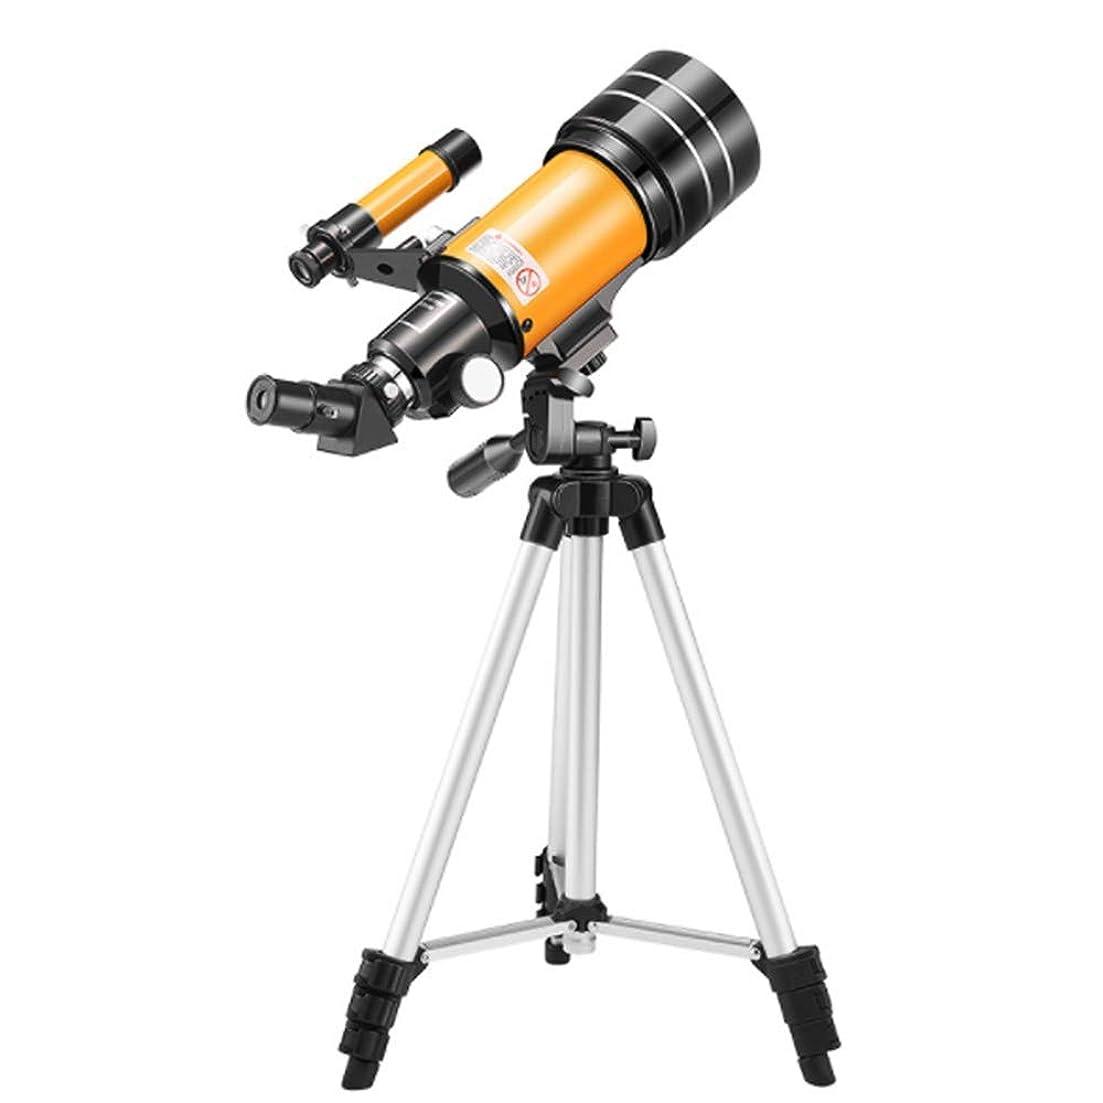 経歴ジャムあらゆる種類の天体望遠鏡アクセサリー望遠鏡第5世代CCDテクノロジーHdナイトビジョンデバイスツーリズムデジタル